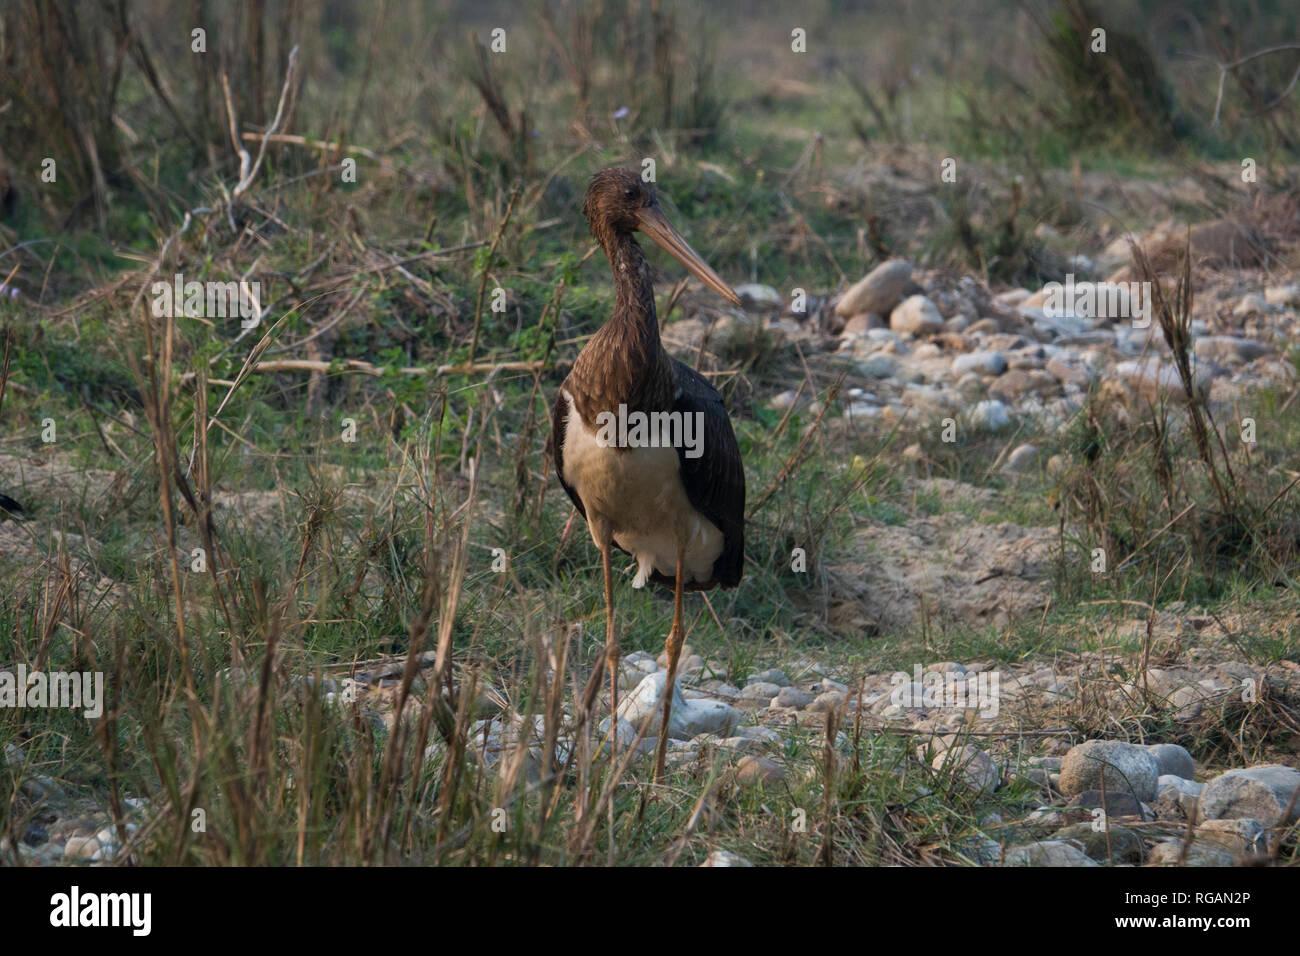 Black stork in Rajaji National Park, Uttarakhand, India - Stock Image